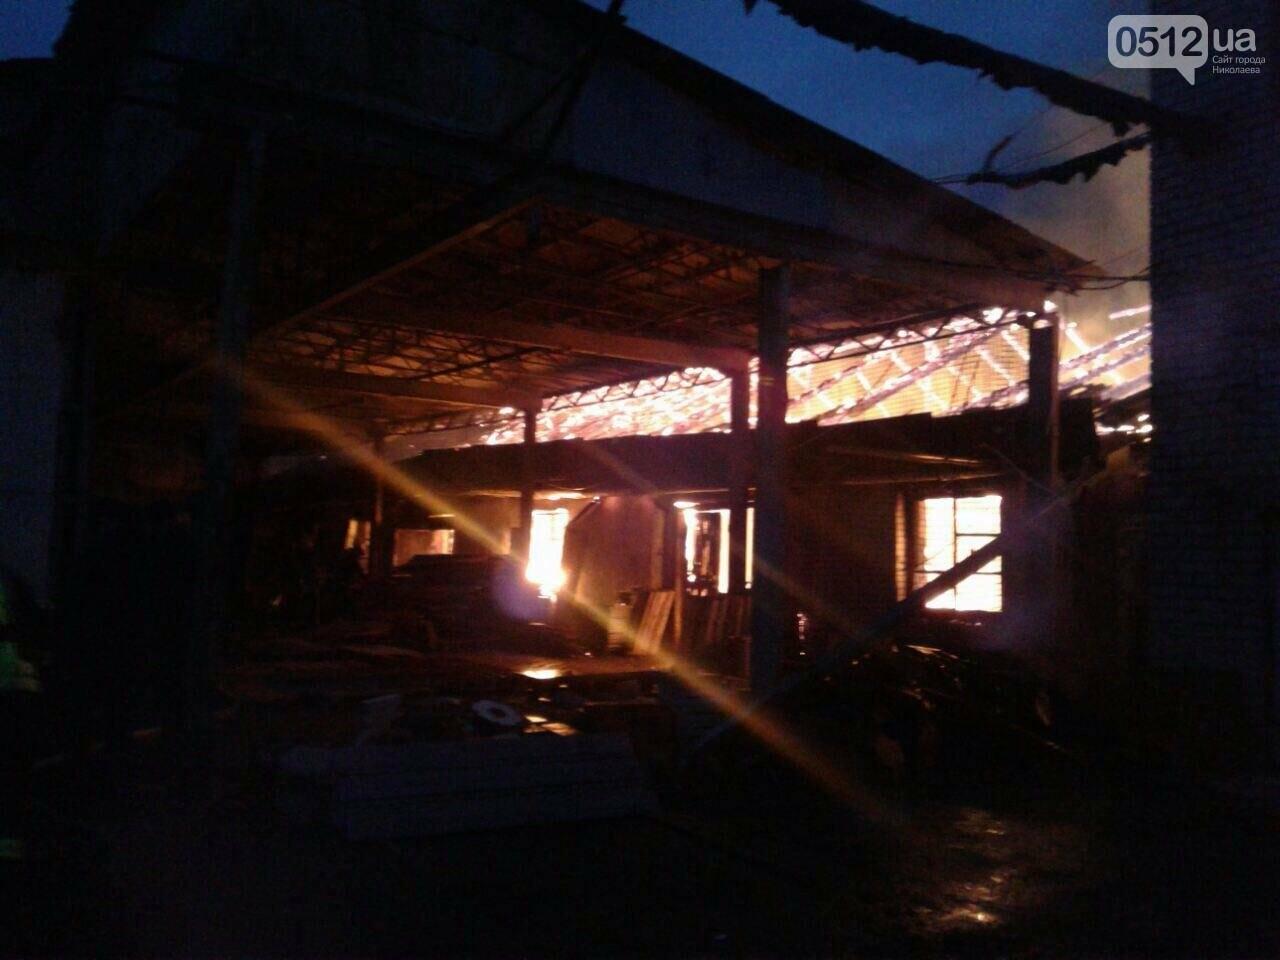 Масштабный пожар в Николаеве - горит  склад с древесиной, ФОТО, фото-1